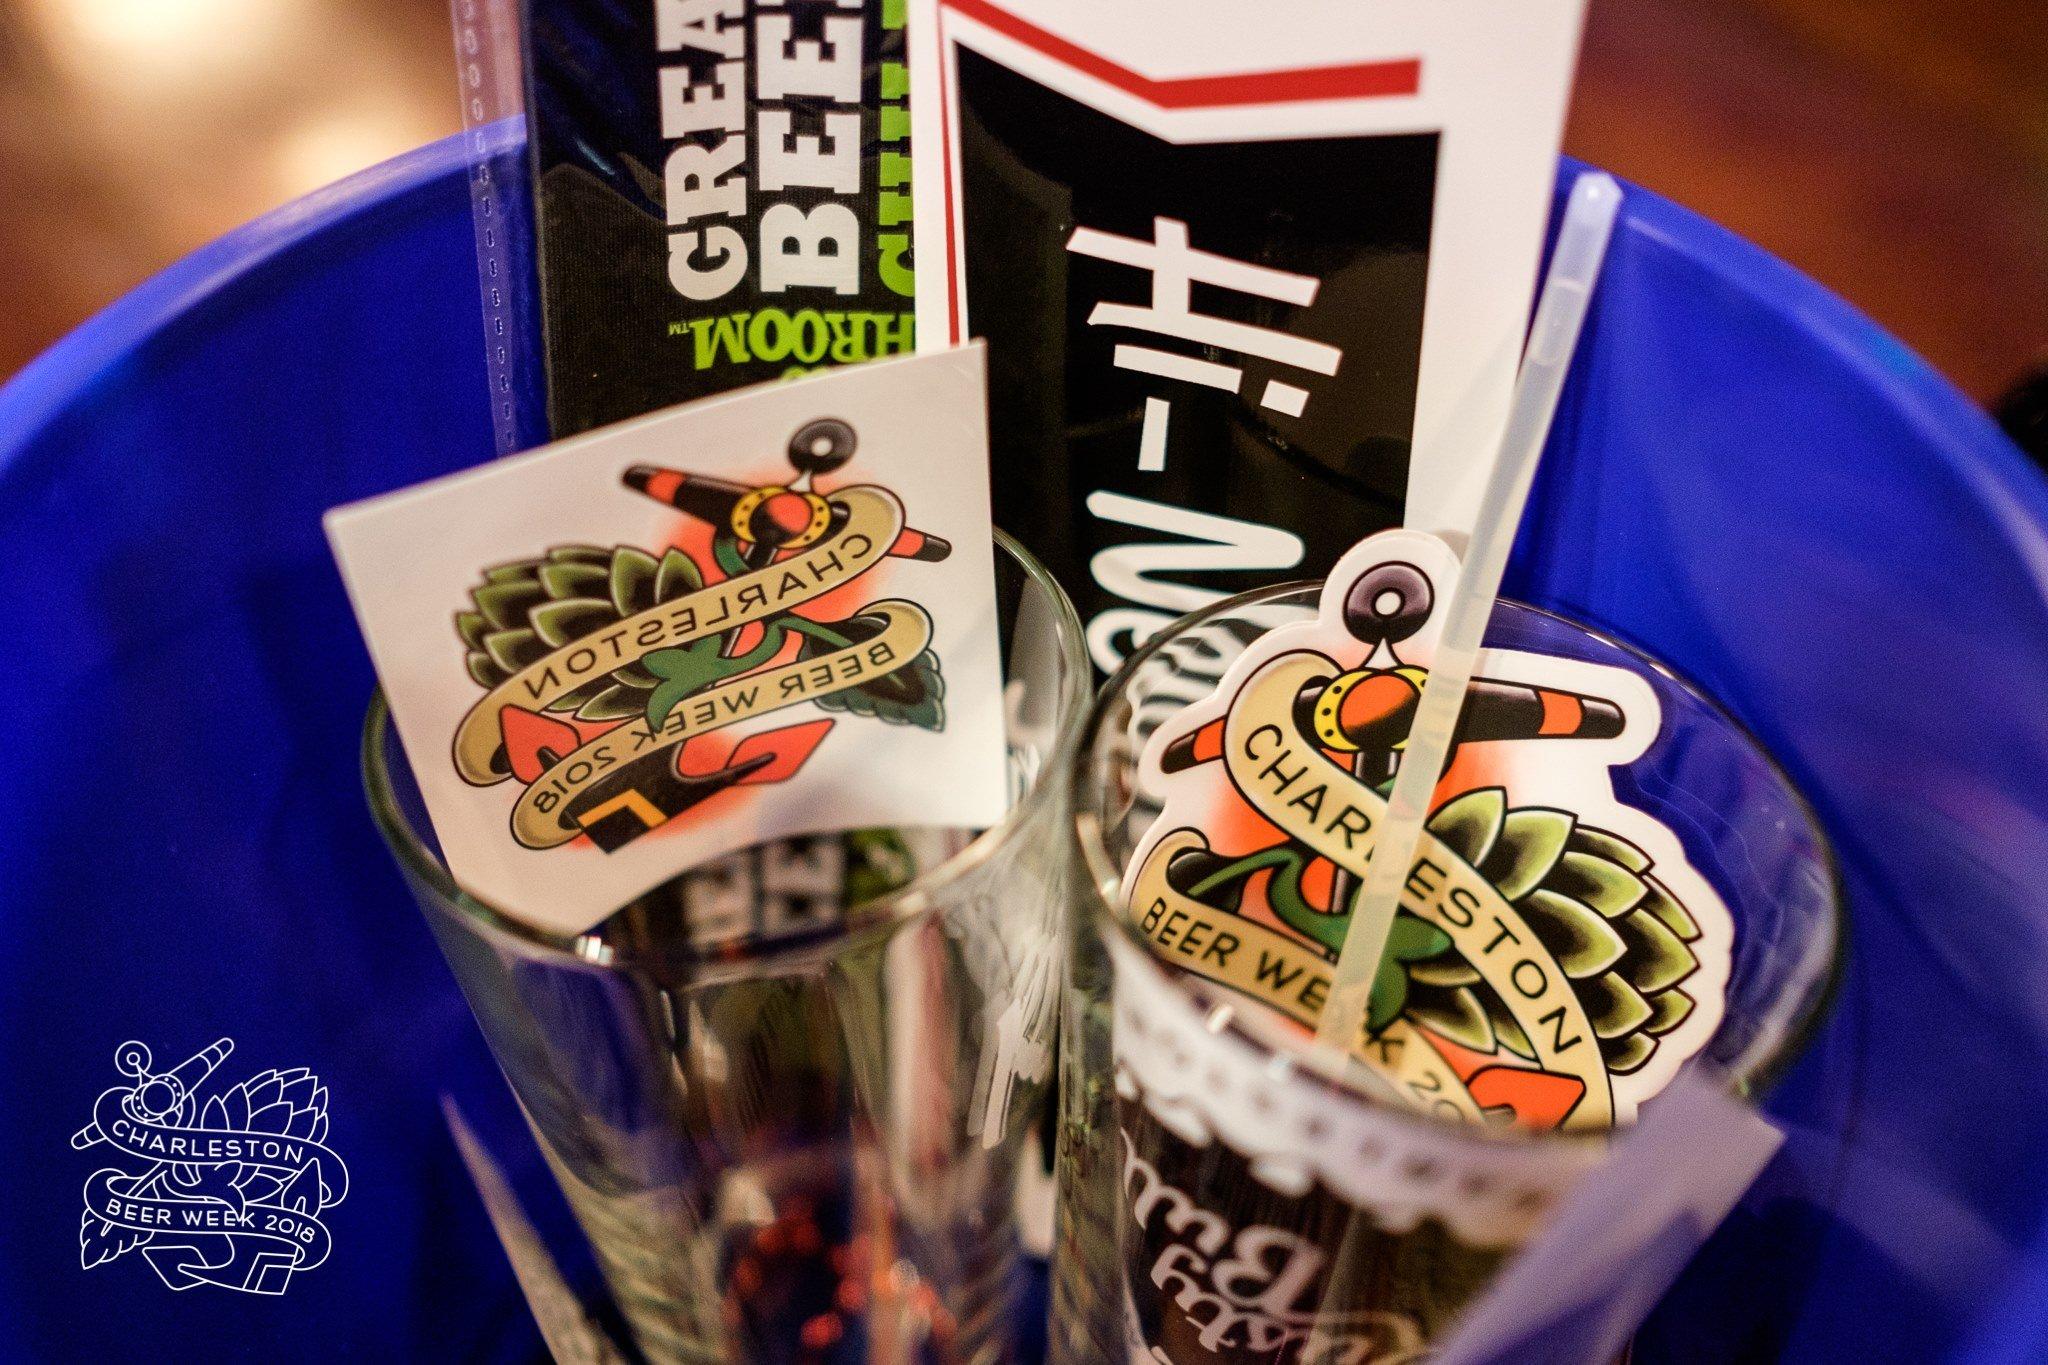 Swag bag of Charleston Beer Week goodies